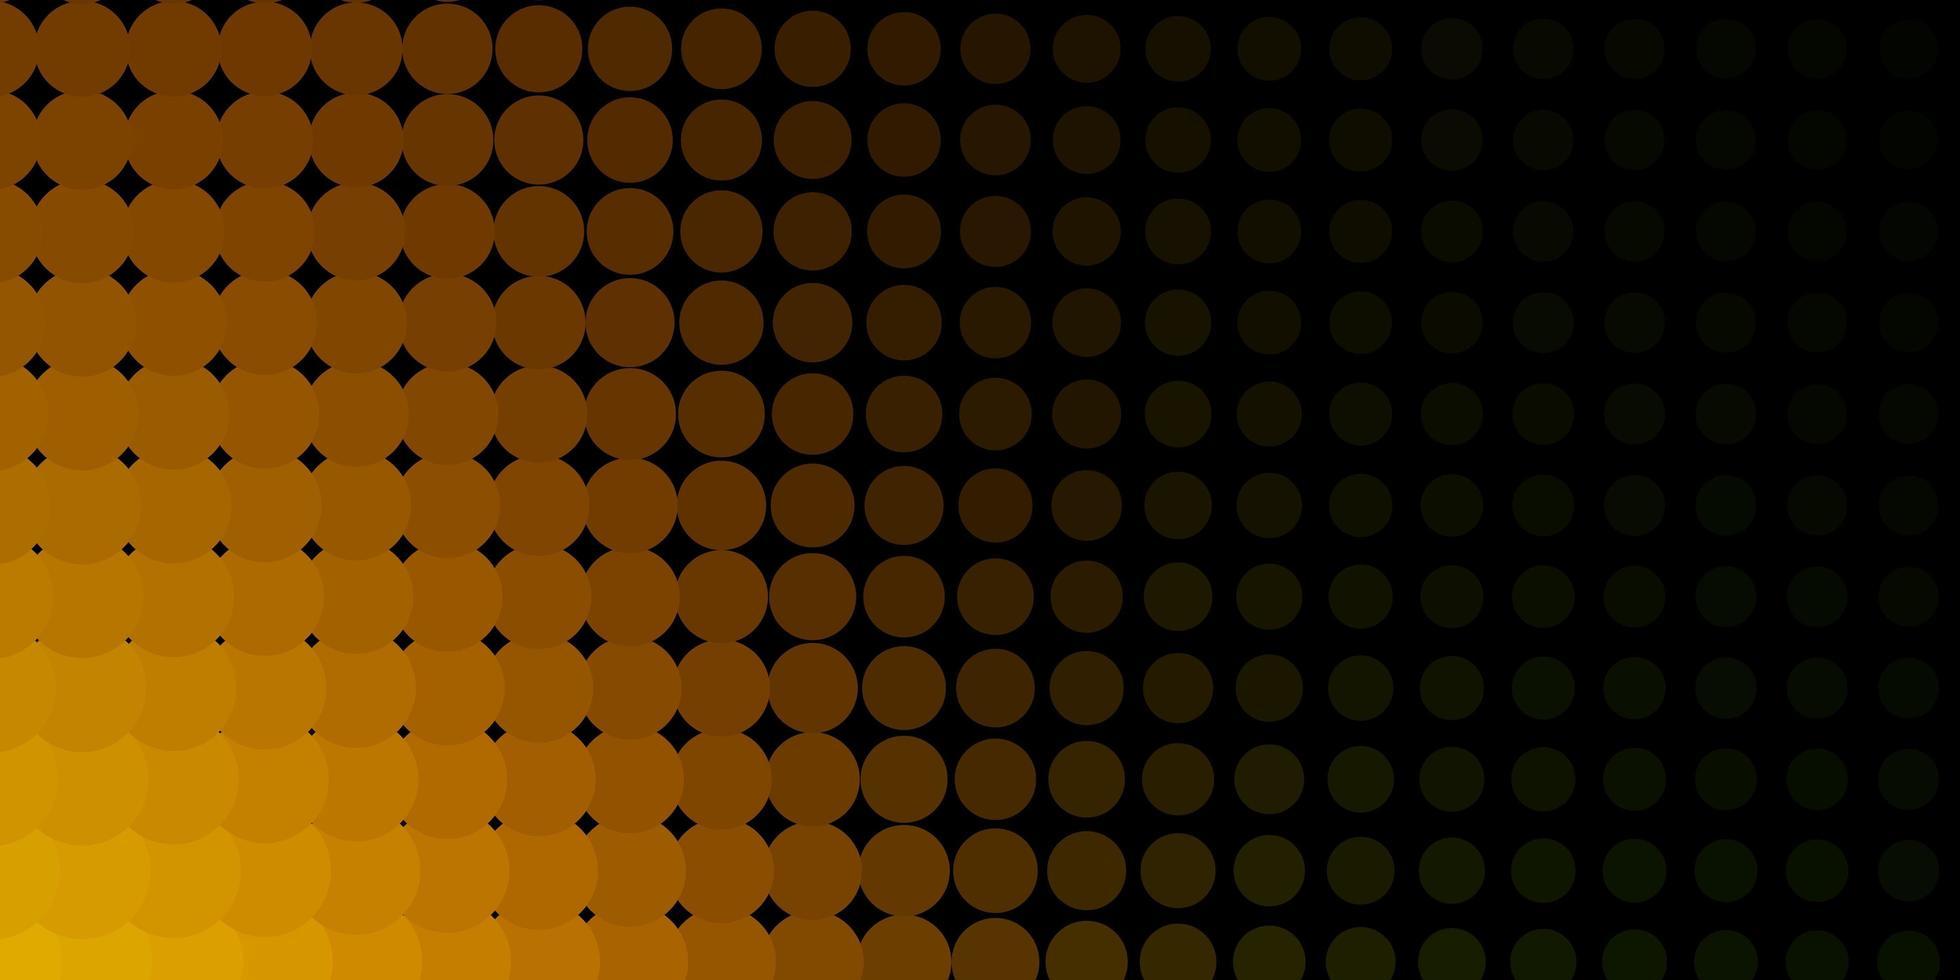 fundo amarelo escuro com círculos. vetor